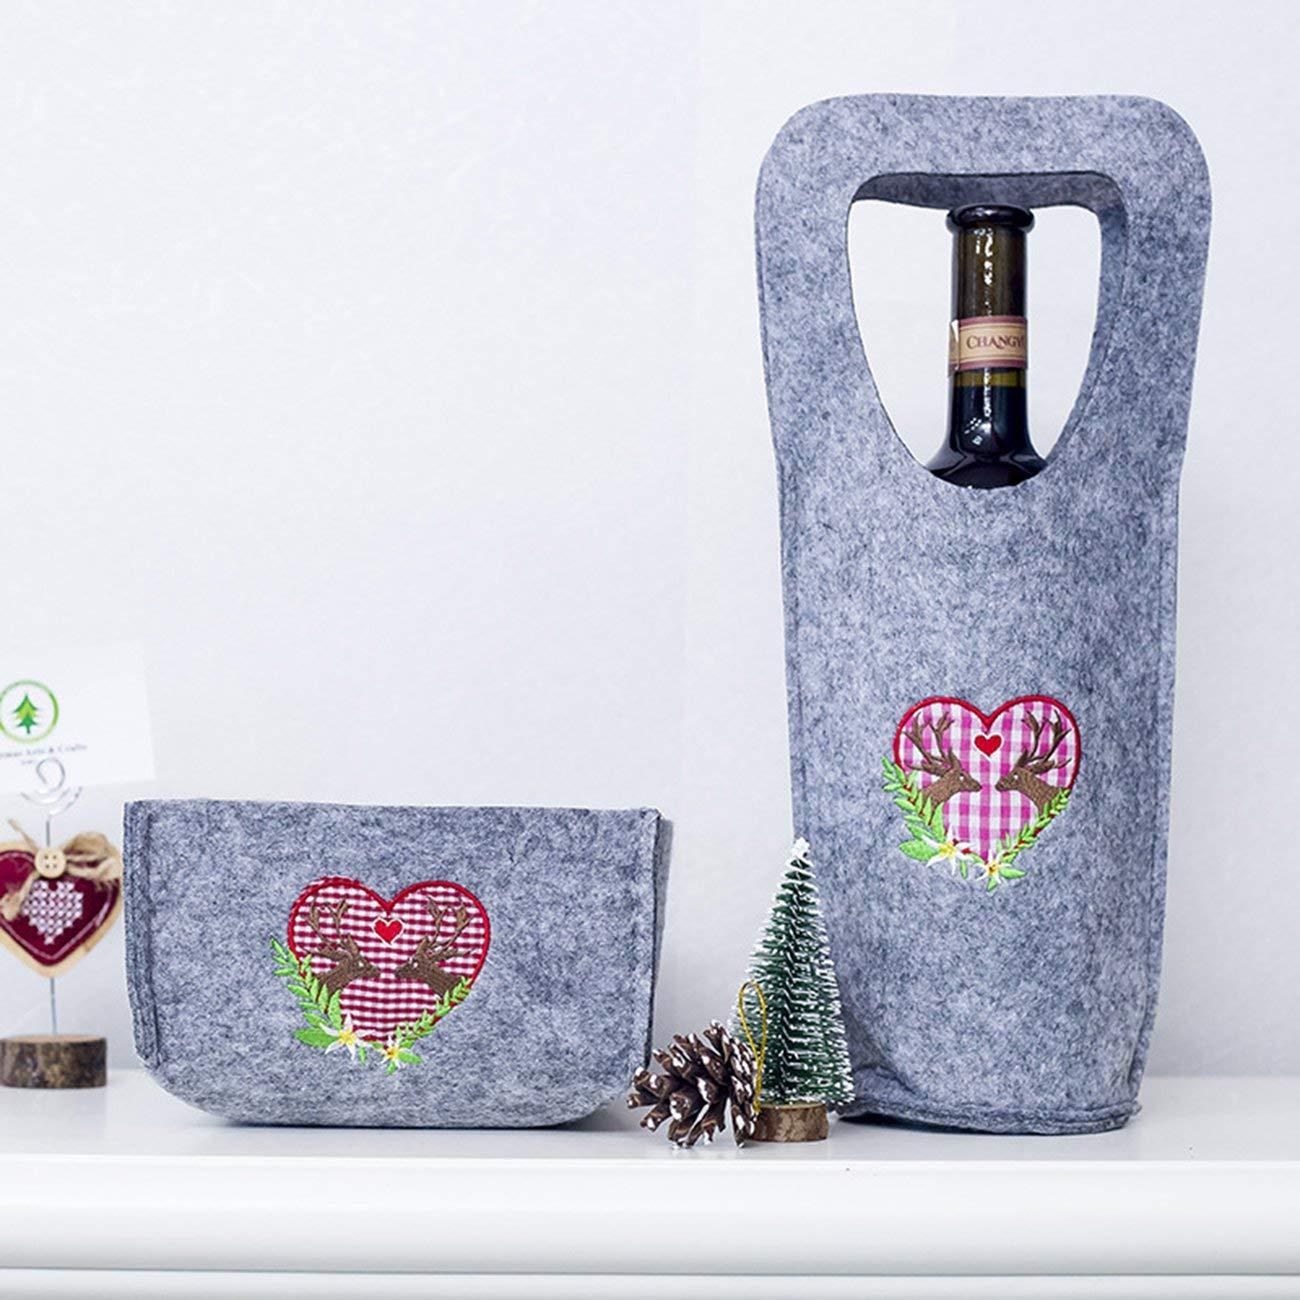 Azalea Sac de vin Rouge de Flanelle de Noël boîte de Bonbons Sac de Rangement brodé créatif de Noël Ensemble Ornement de Tissu de Noël